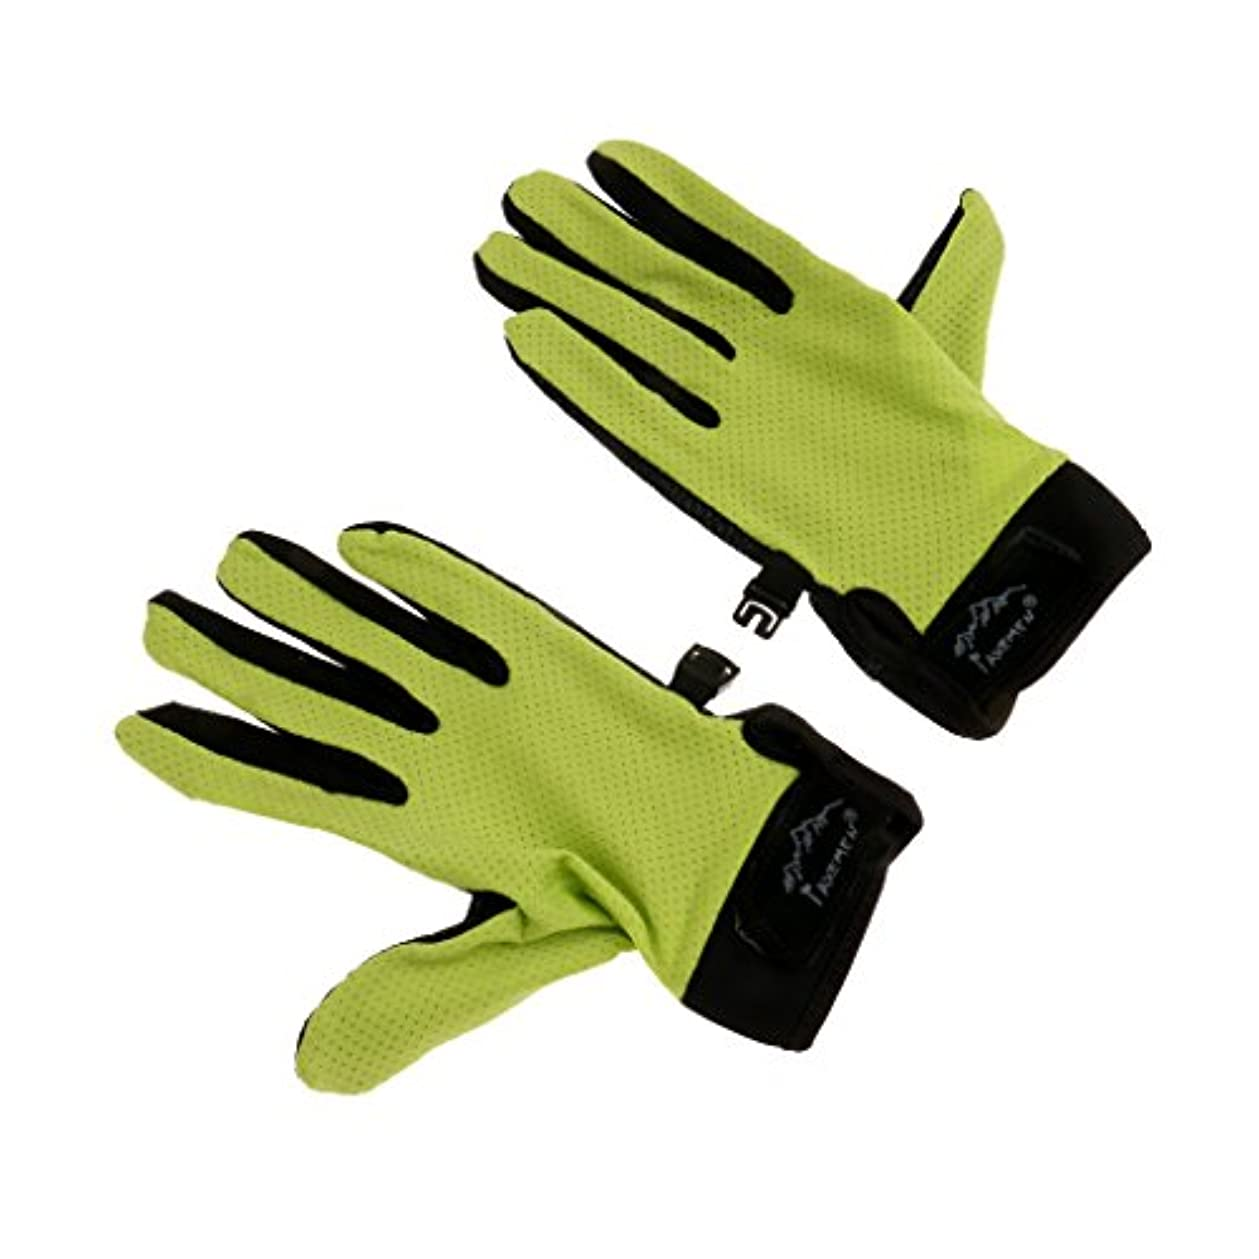 メンタリティスマイル引き算男女兼用 通気性 滑り止め タッチ スクリーン 手袋 屋外 サイクリング ハイキング 登山手袋 全3色4サイズ選ぶ